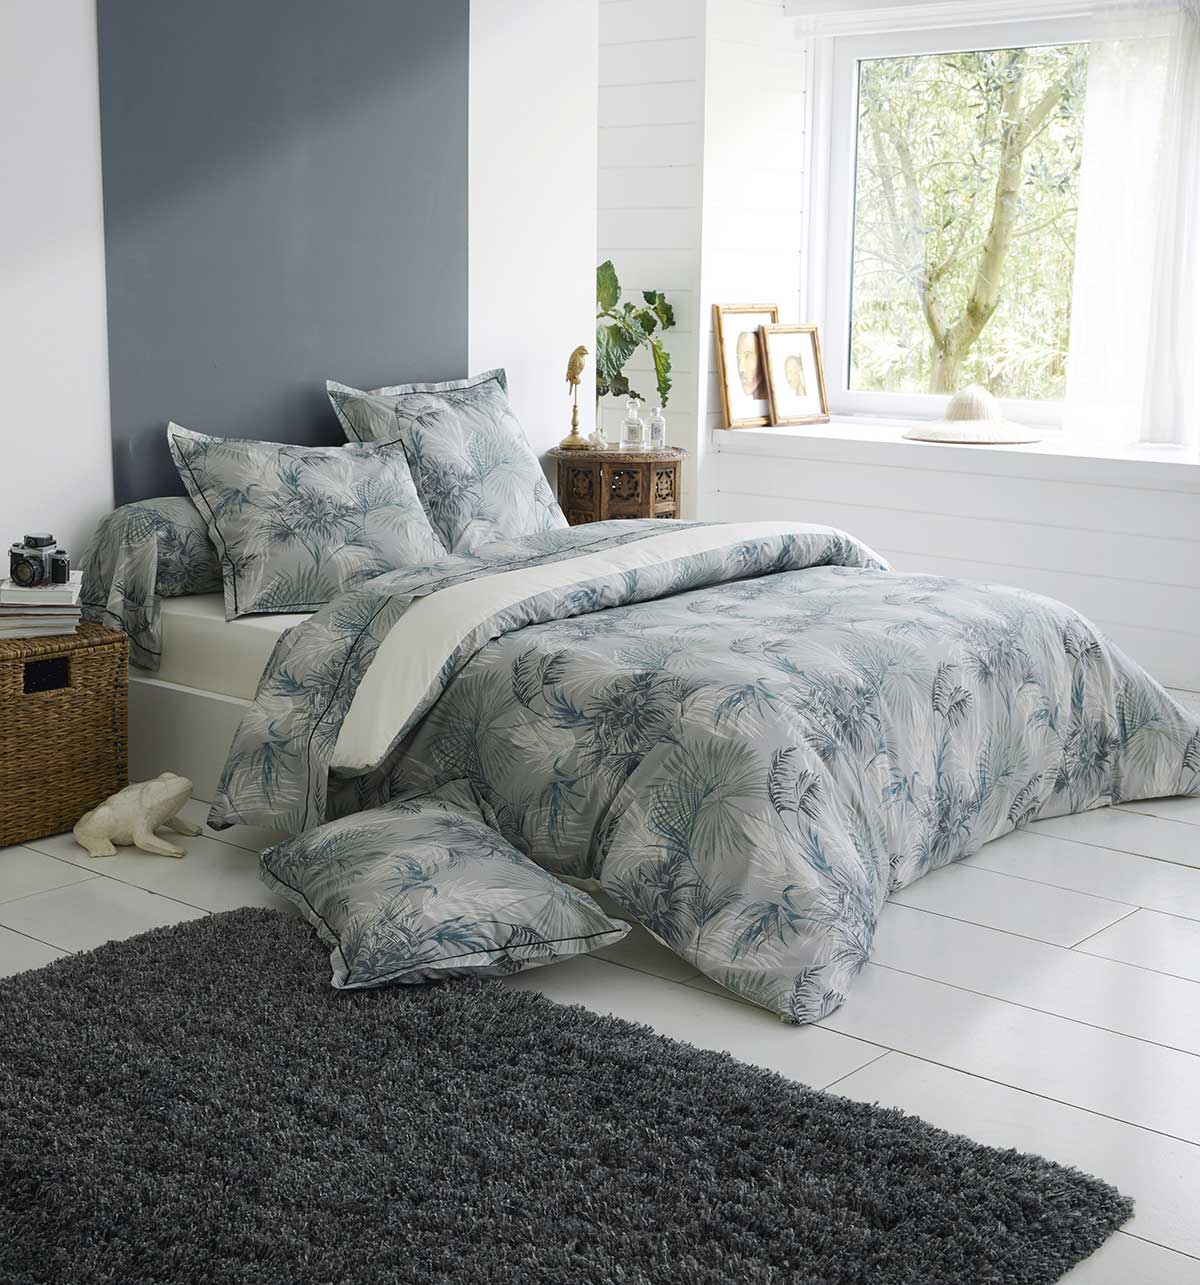 housse de couette feuillage tropical bleu vert homemaison vente en ligne housses de couettes. Black Bedroom Furniture Sets. Home Design Ideas